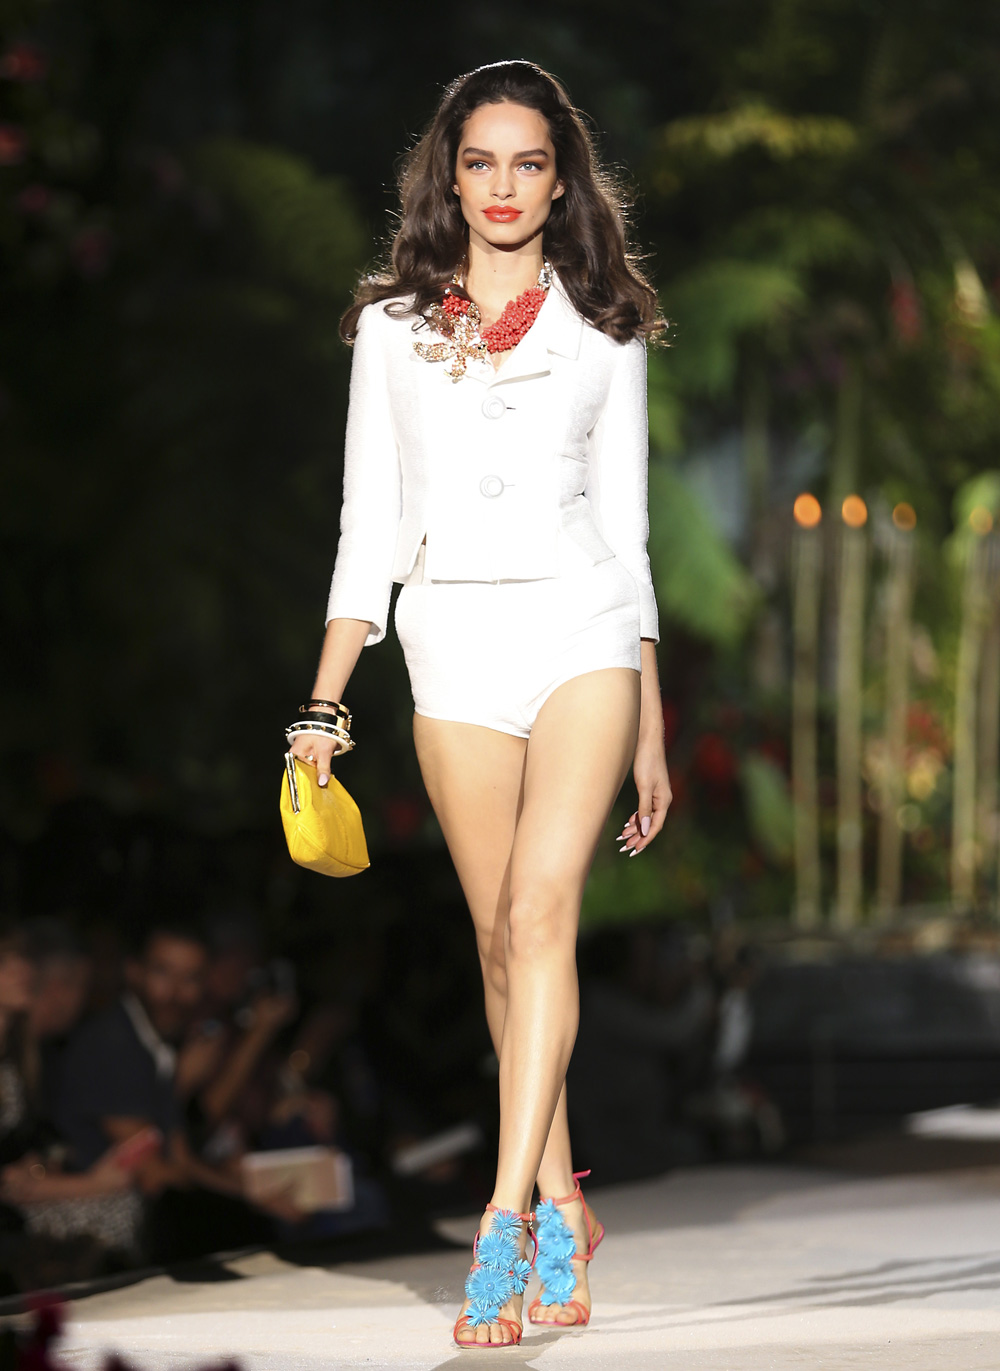 मिलान फॅशन विक २०१३ मध्ये रॅम्प वॉक करताना एक मॉडेल...